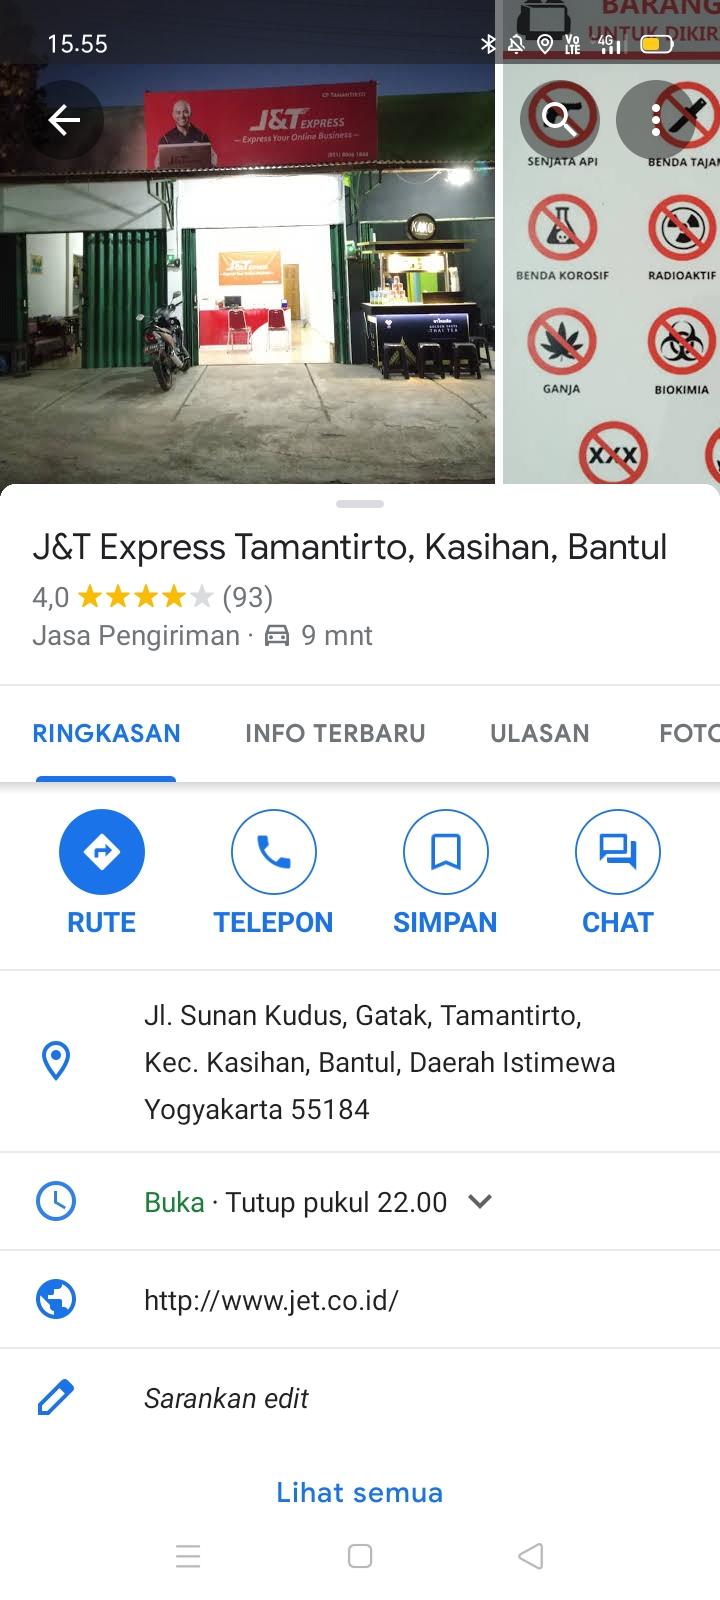 J&T Terdekat dari Lokasi Saya Sekarang